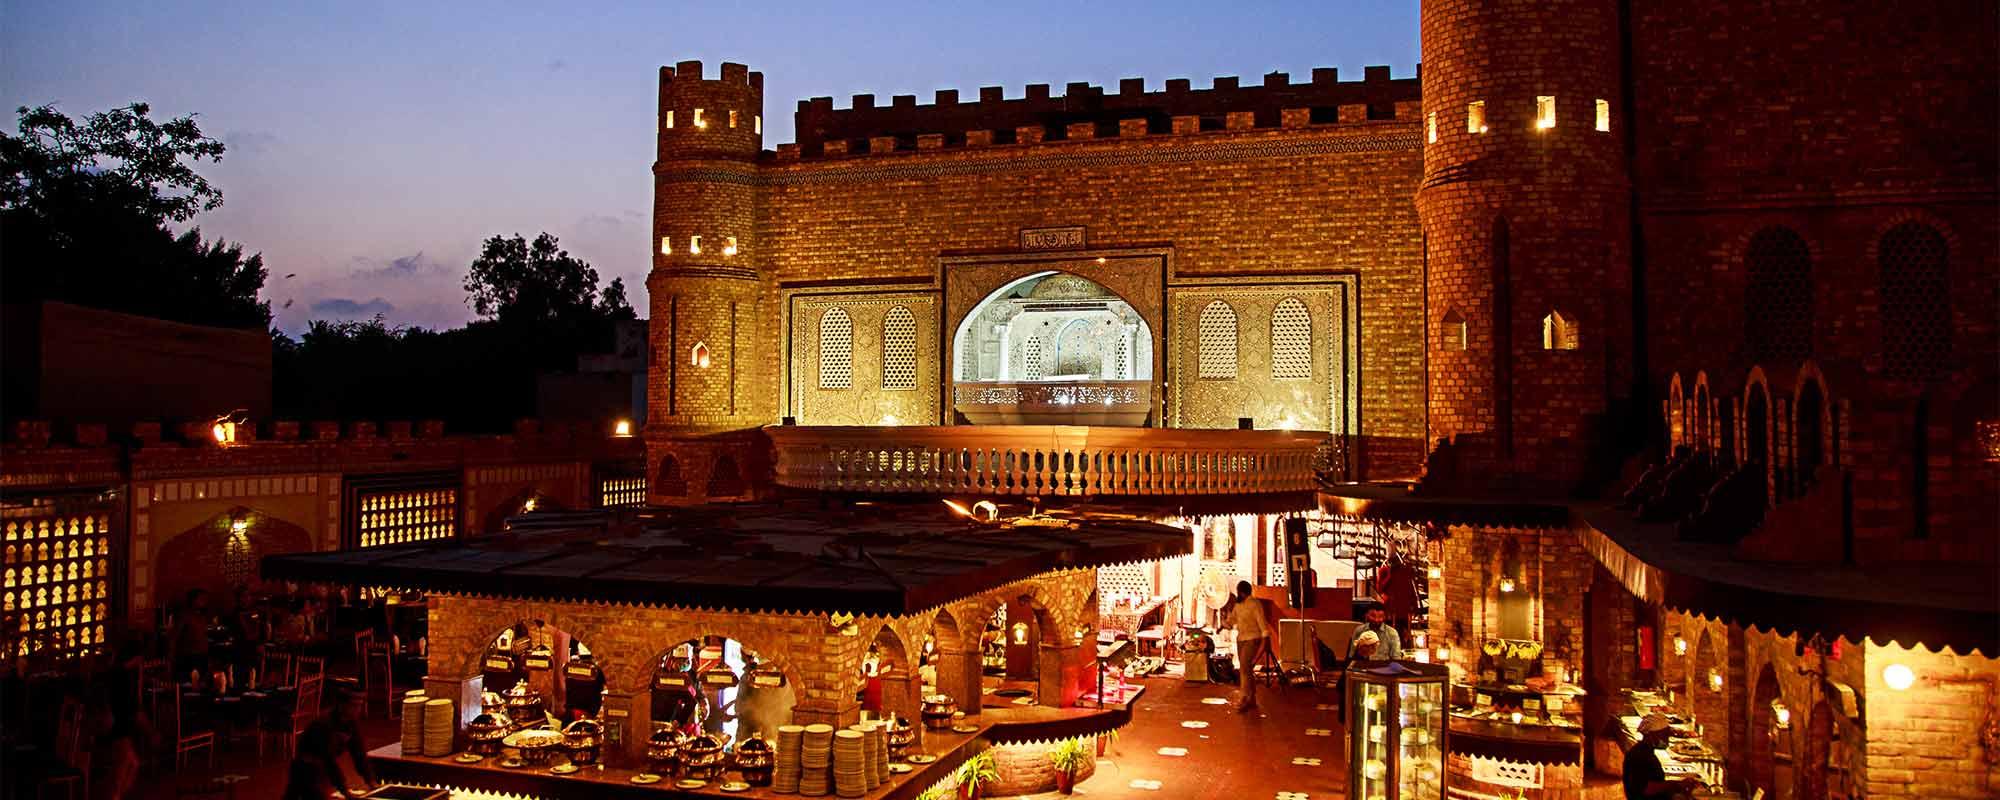 Lalqila Restaurant Karachi